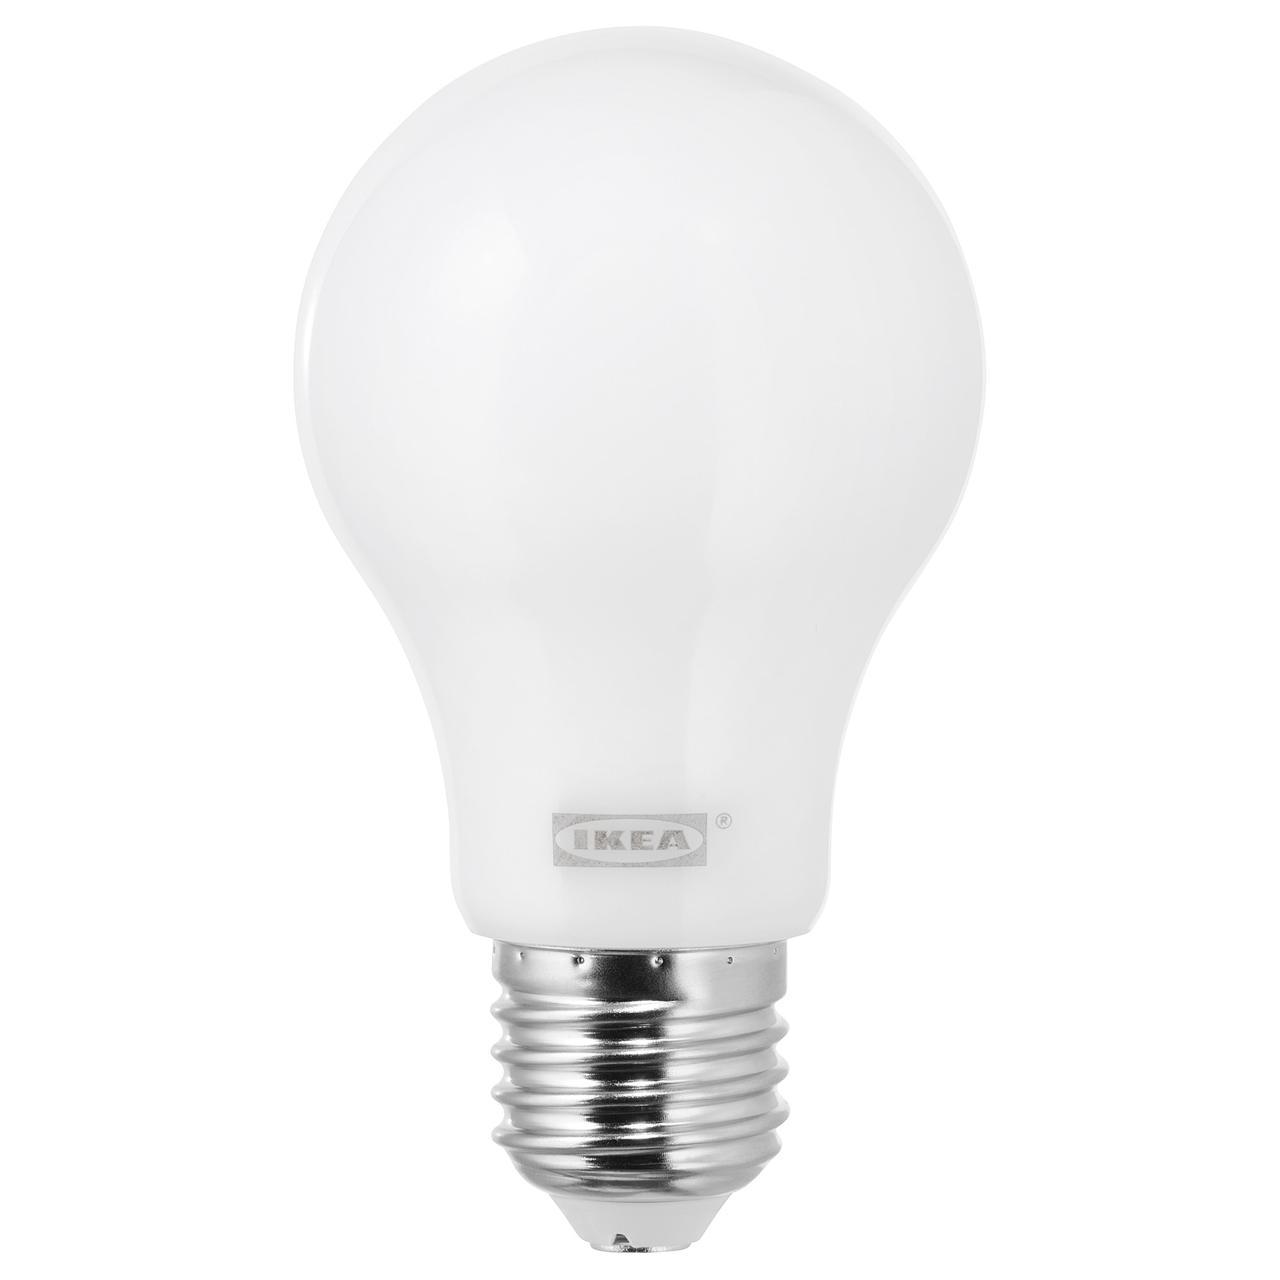 ЛЕДАРЕ Светодиод E27 600 лм, регулируемая яркость регулируемая яркость, теплый, шарообразный молочный